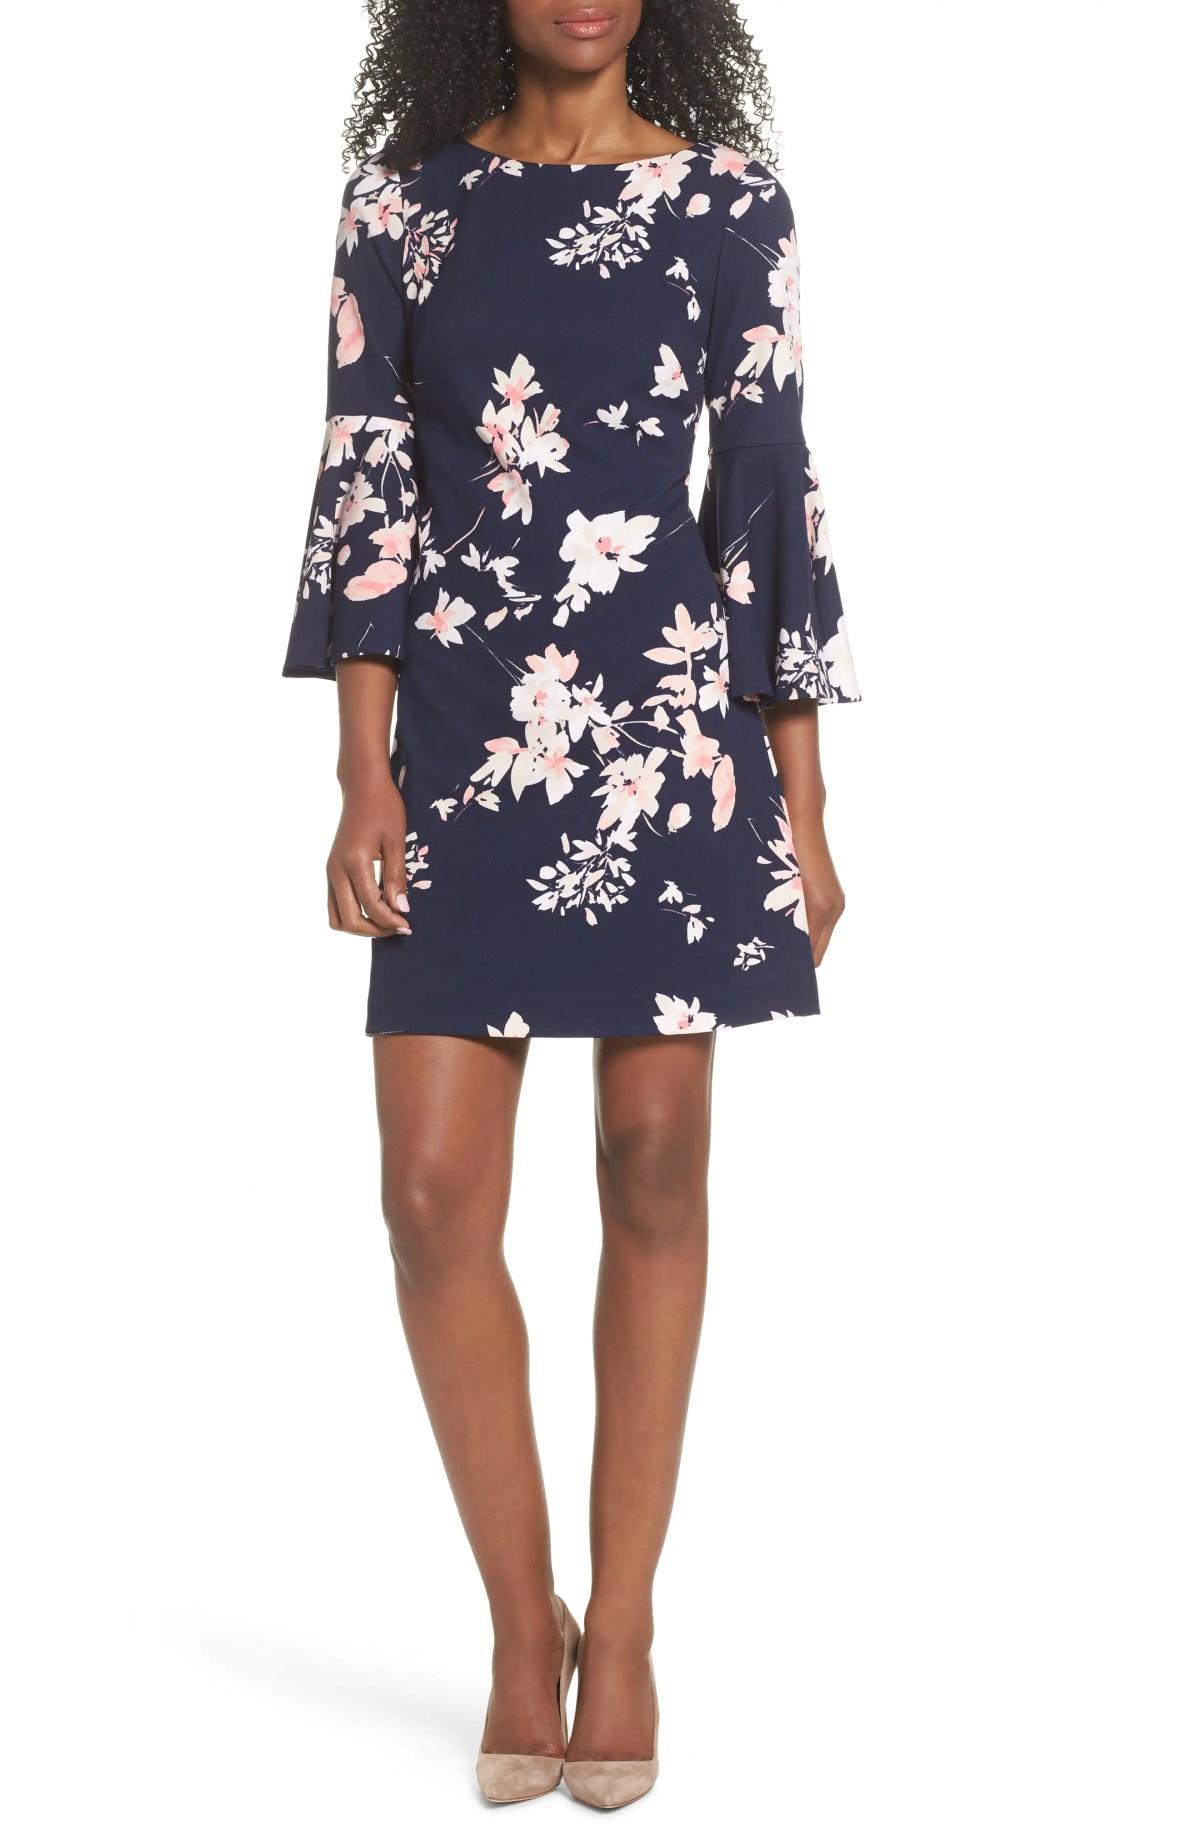 ELIZA J Floral Bell Sleeve Dress, Main, color, NAVY/PINK